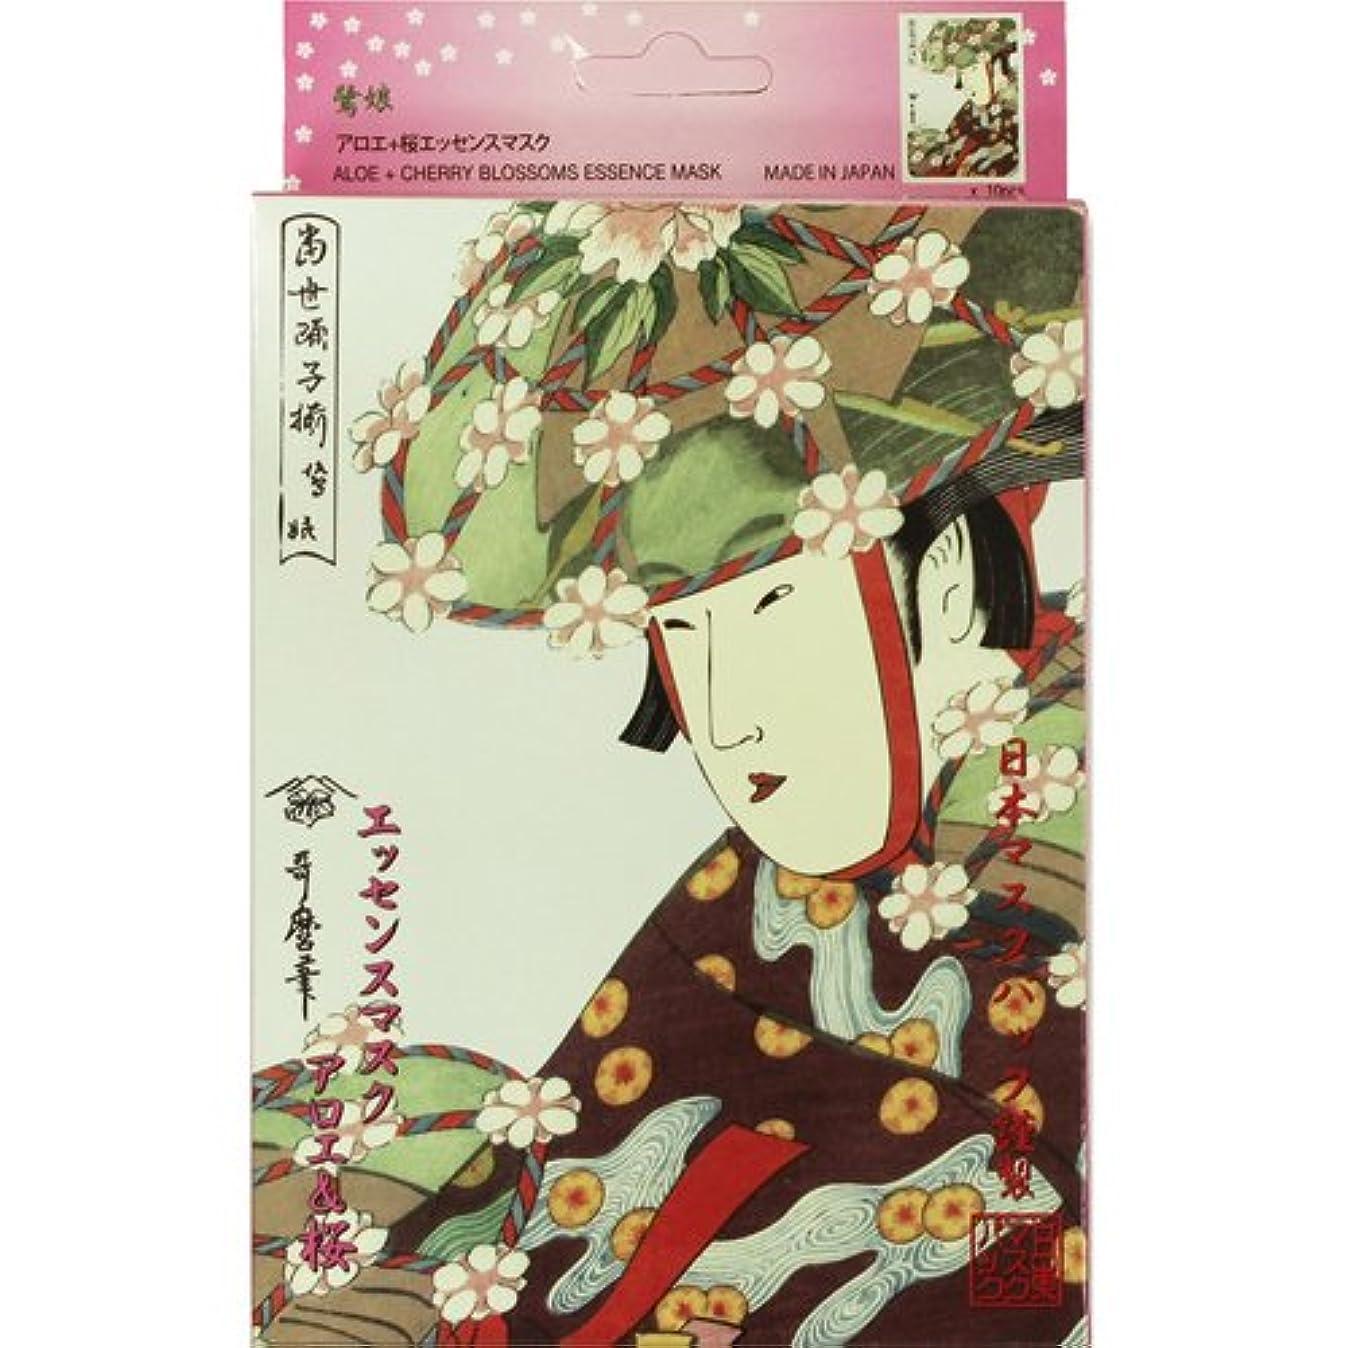 取り戻すとても追放するエッセンスマスク アロエ+桜10枚